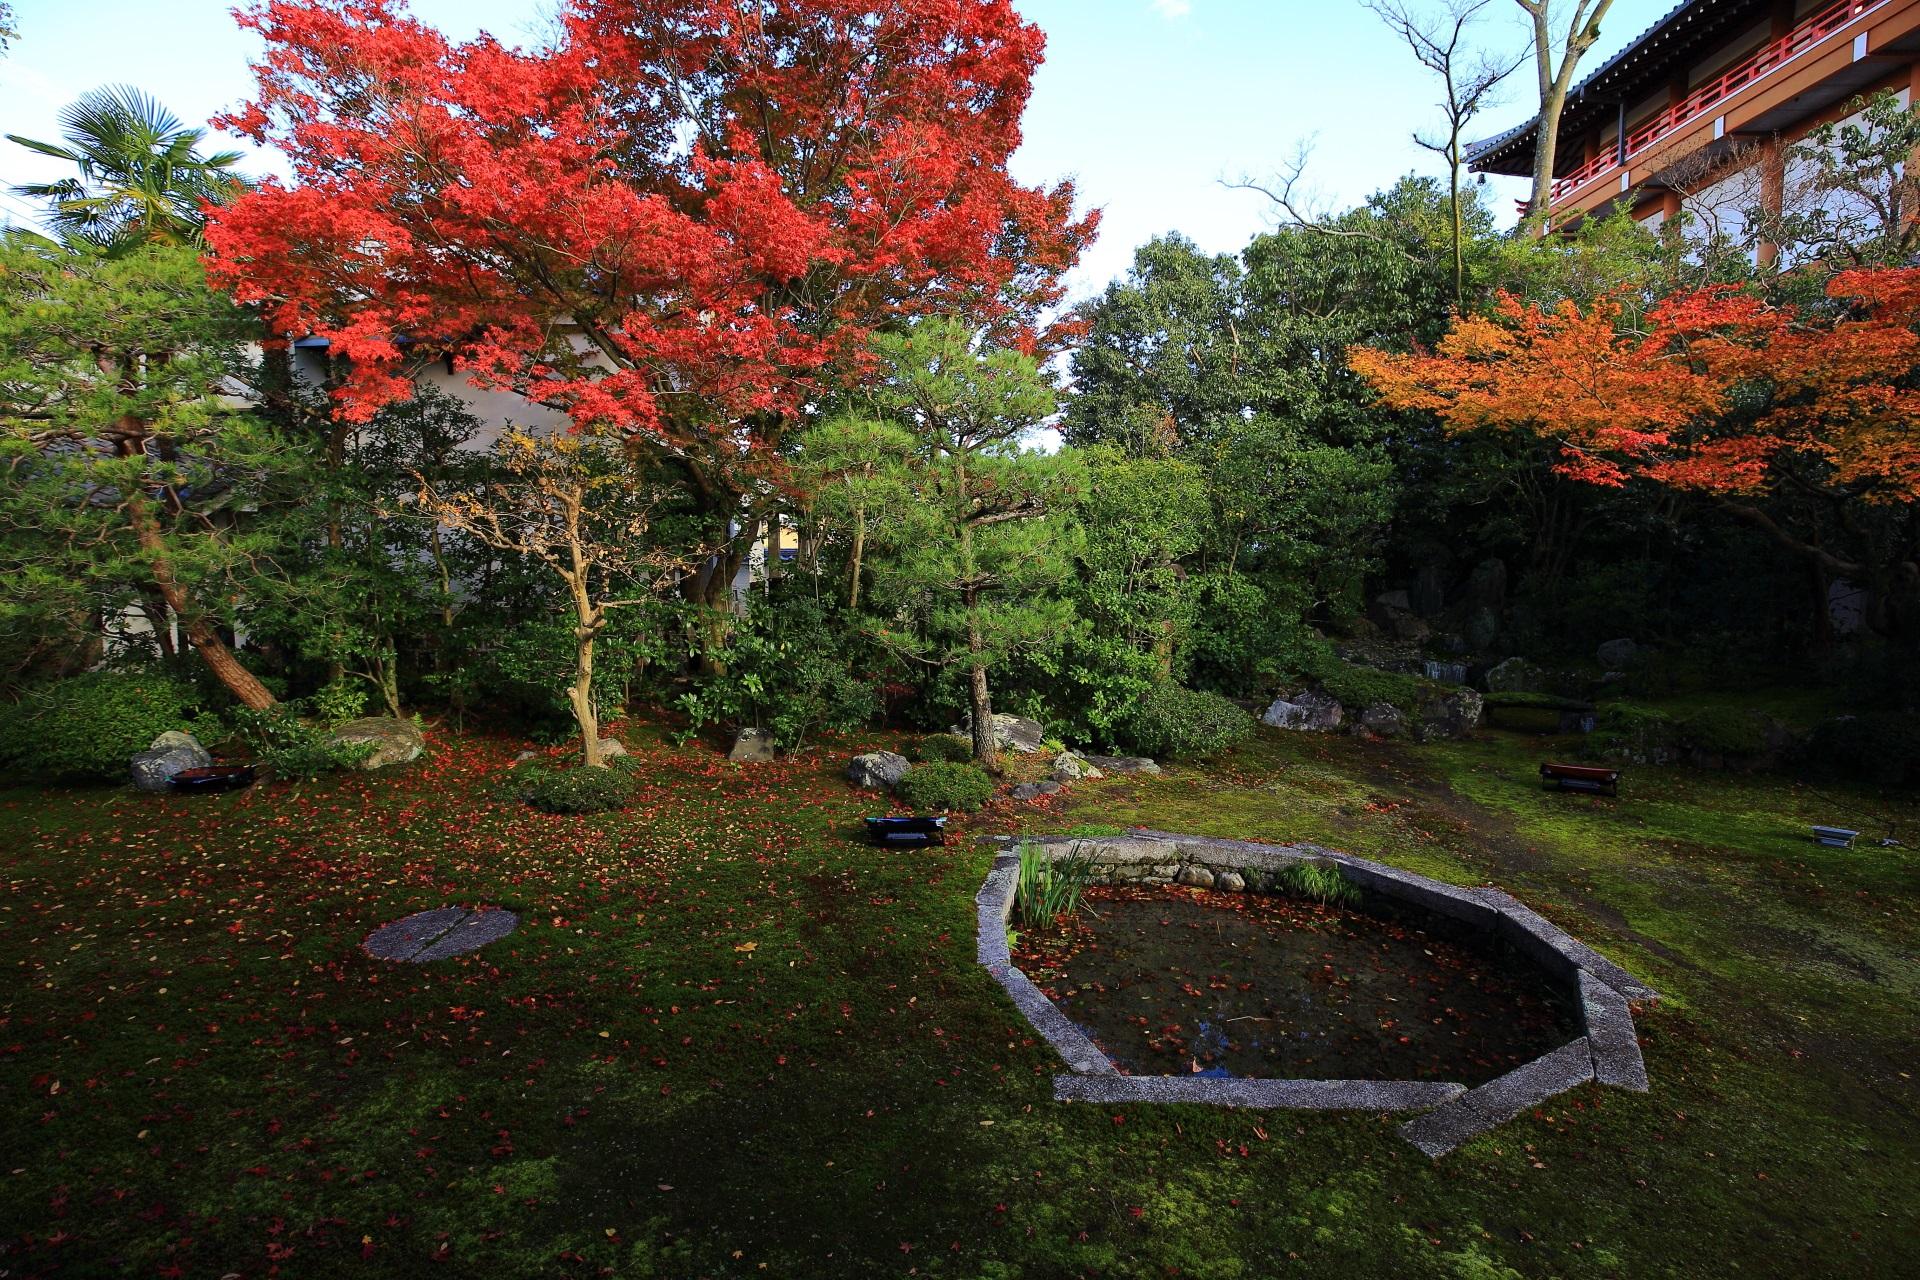 本法寺の緑の巴の庭を彩る鮮やかな赤色とオレンジ色の紅葉